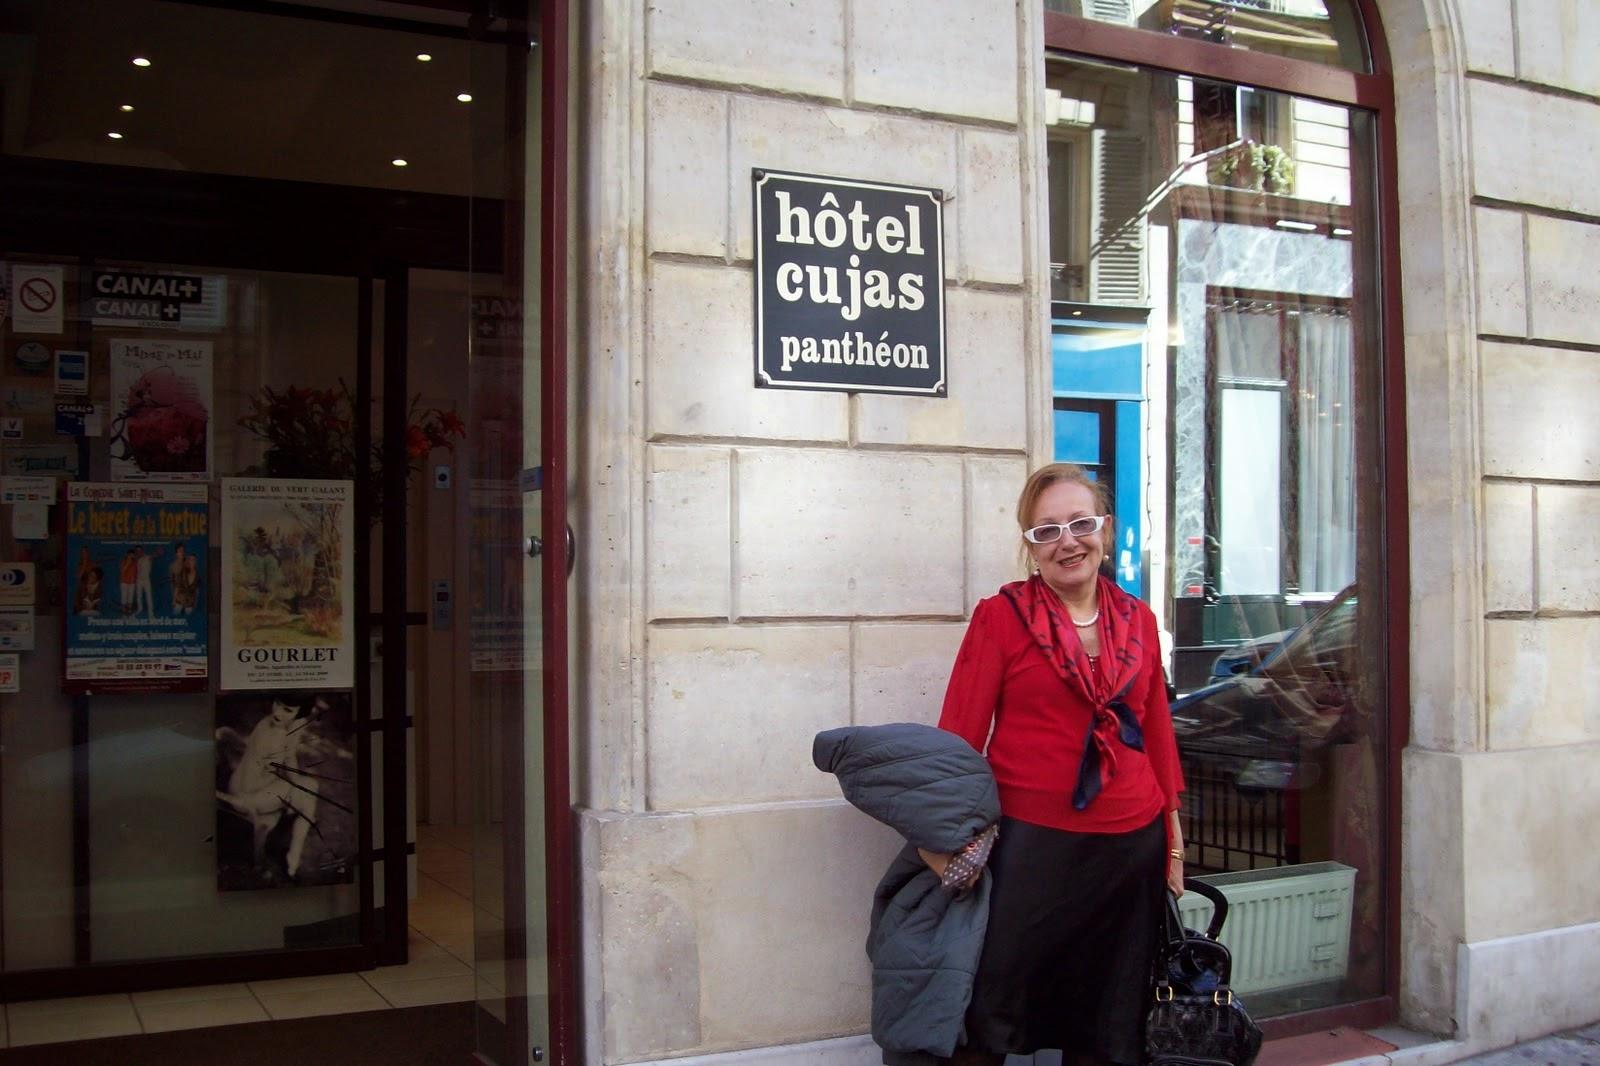 hotel Cujas, Paris, 2009 e 2011